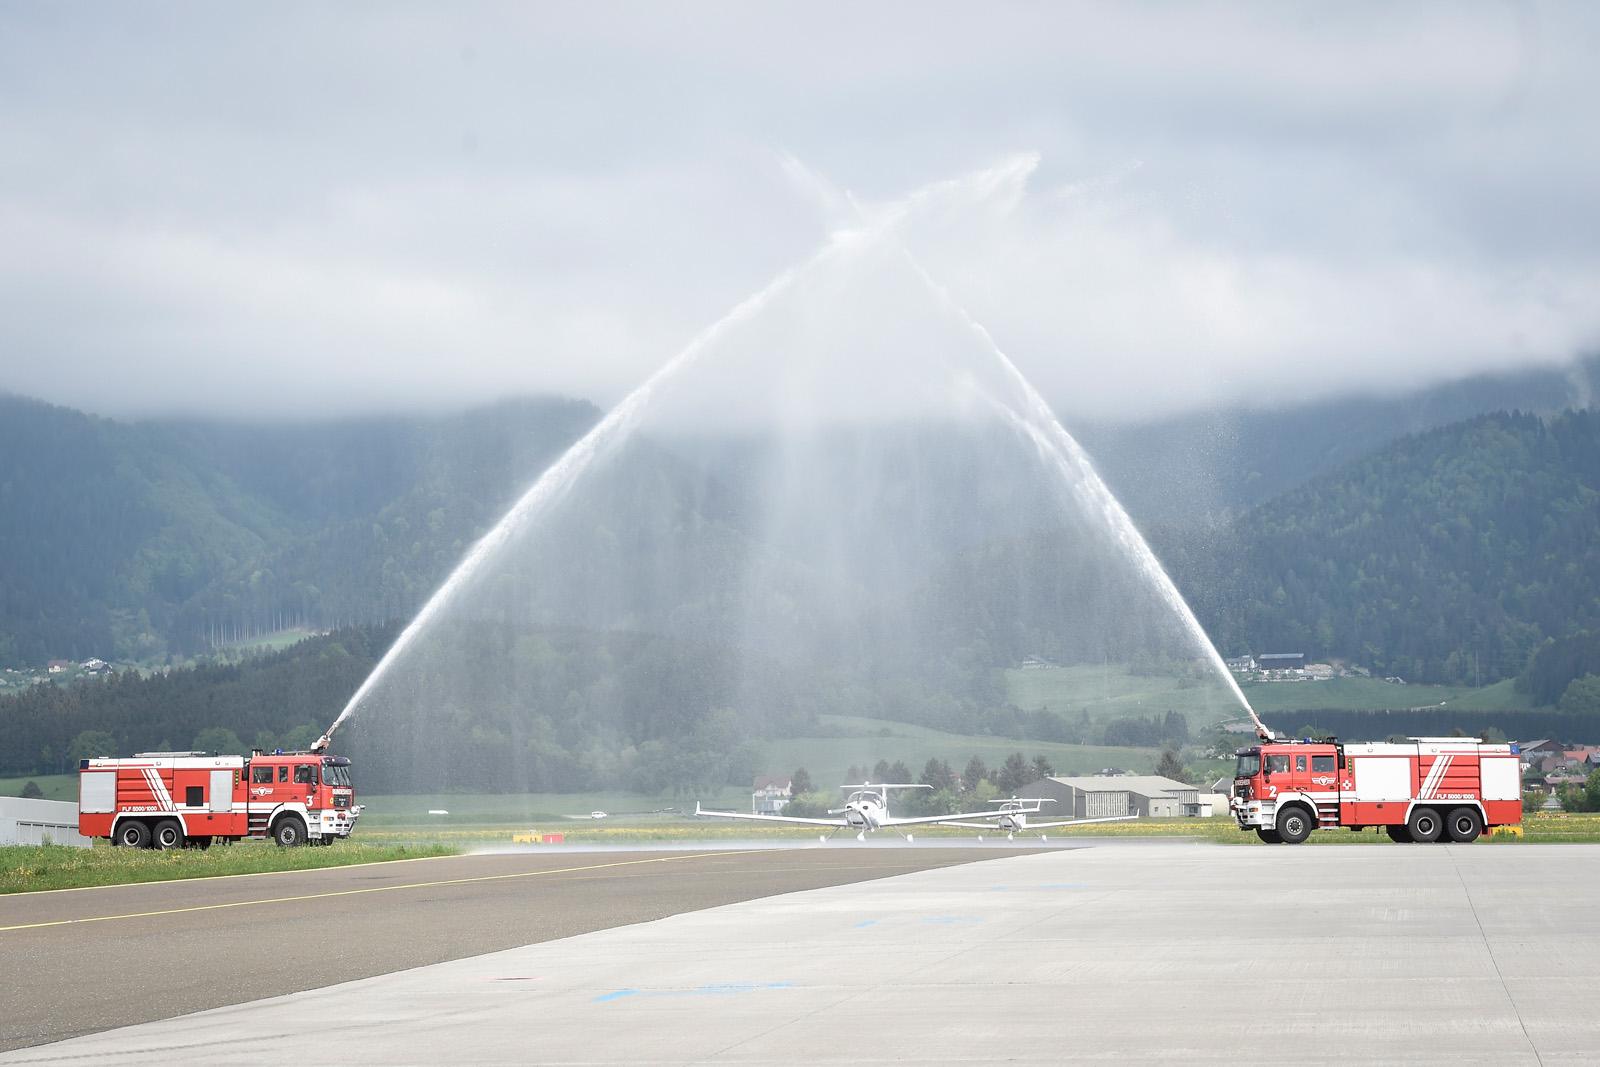 Traditionelle Taufe durch die Flughafen-Feuerwehr am 03.05.2018 © Bundesheer